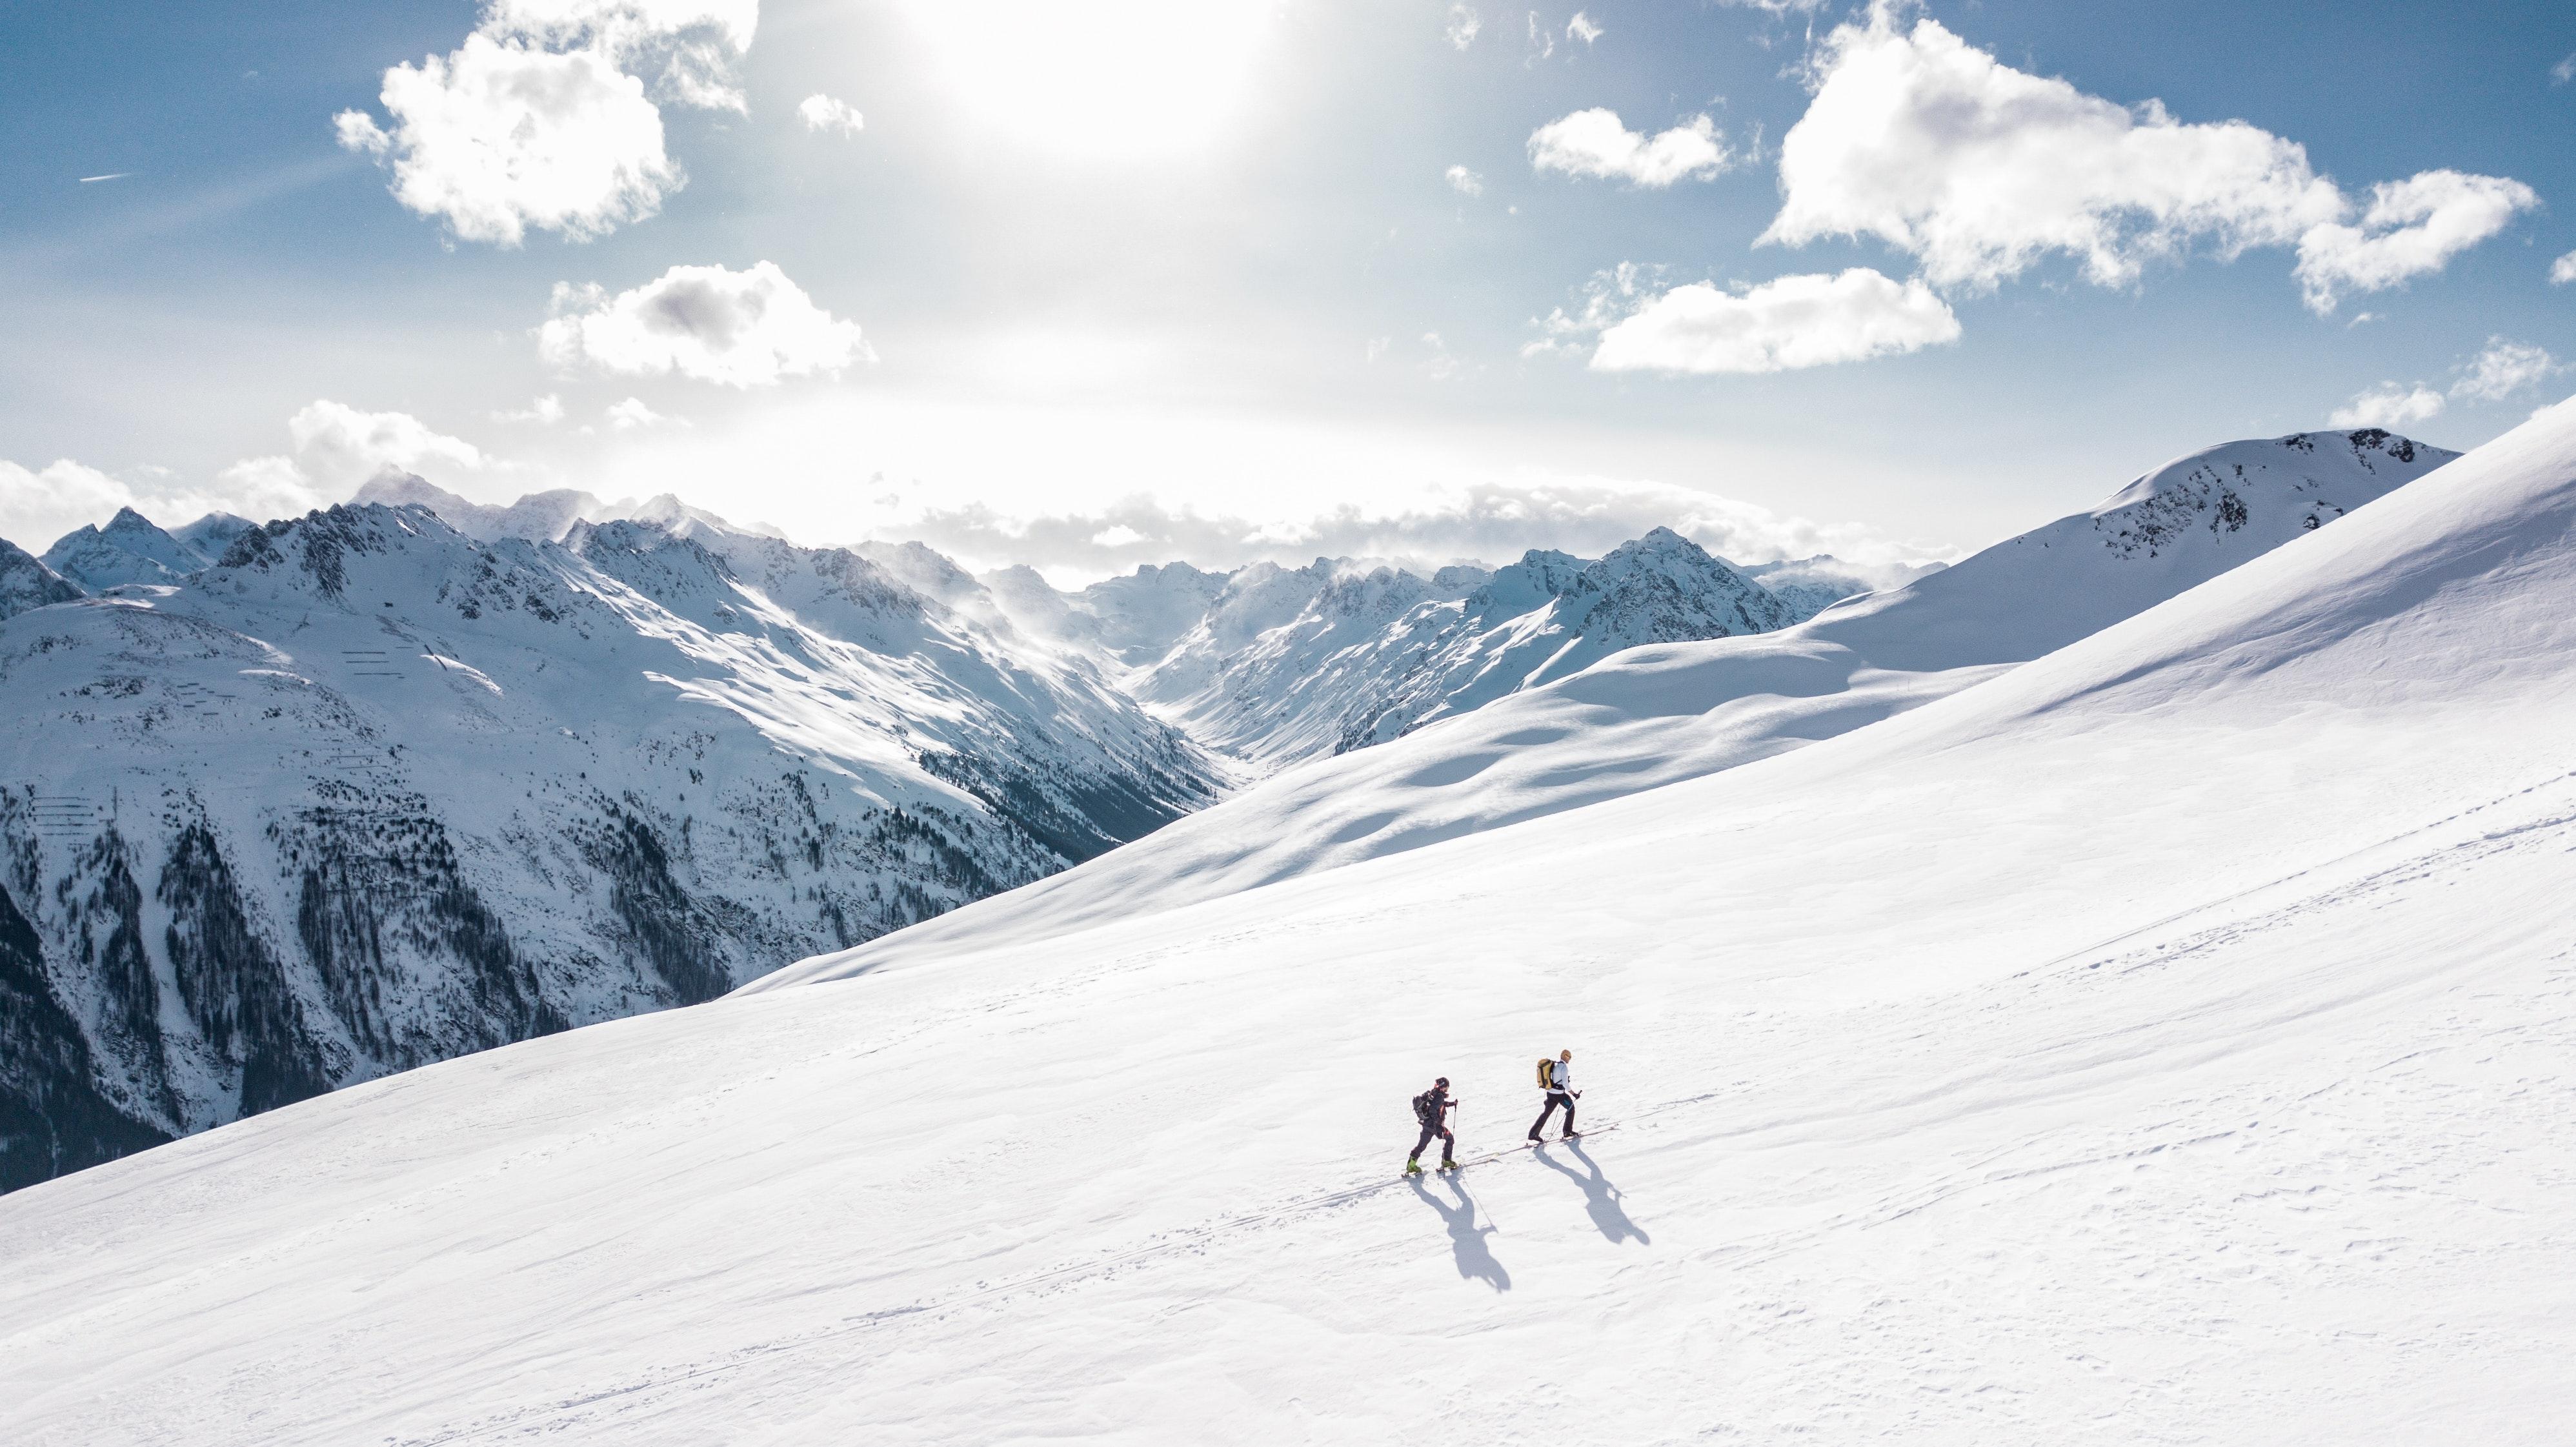 Voyages au monde de l'hiver